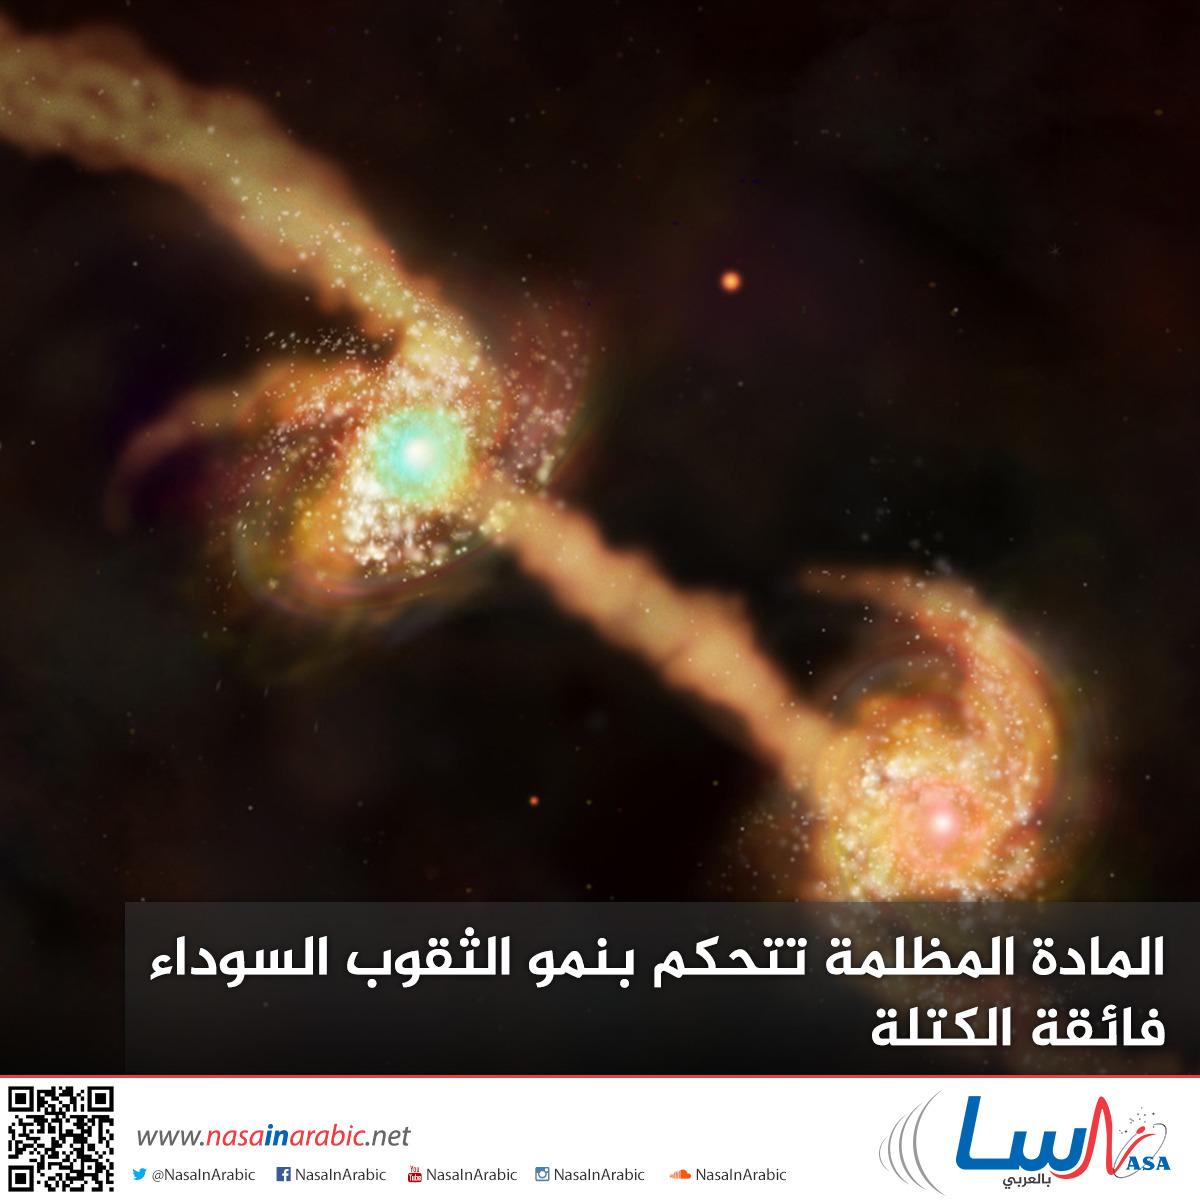 المادة المظلمة تتحكم بنمو الثقوب السوداء فائقة الكتلة